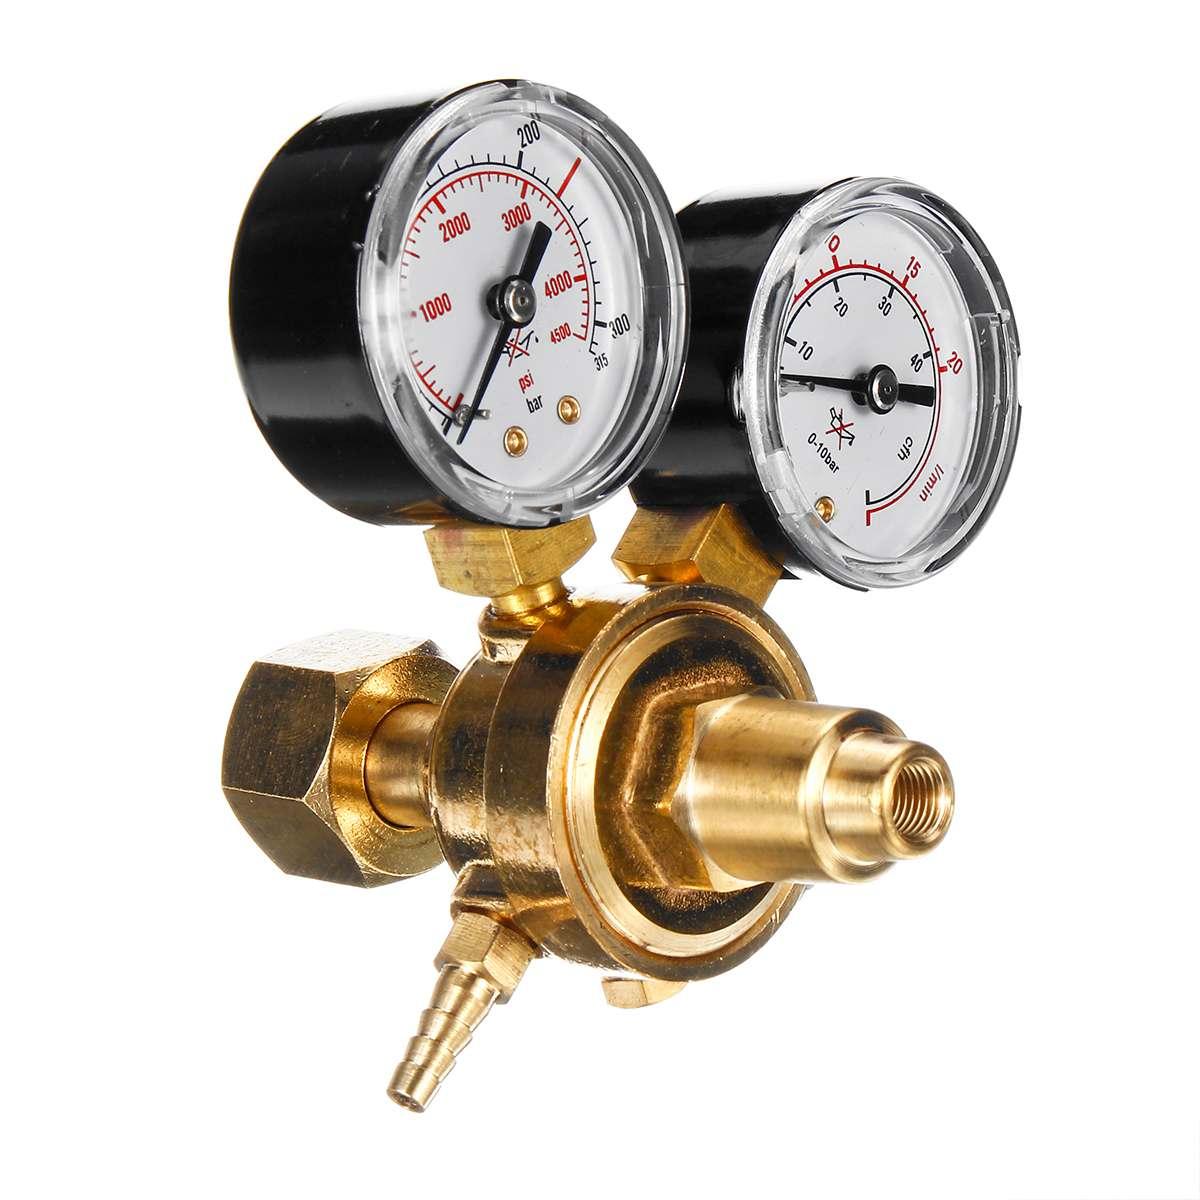 Двойной манометр аргон CO2 манометры редуктор давления Mig расходомер газ Контроль Клапан сварочный регулятор аргоновый Регулятор Редуктор давления|Расходомеры|   | АлиЭкспресс